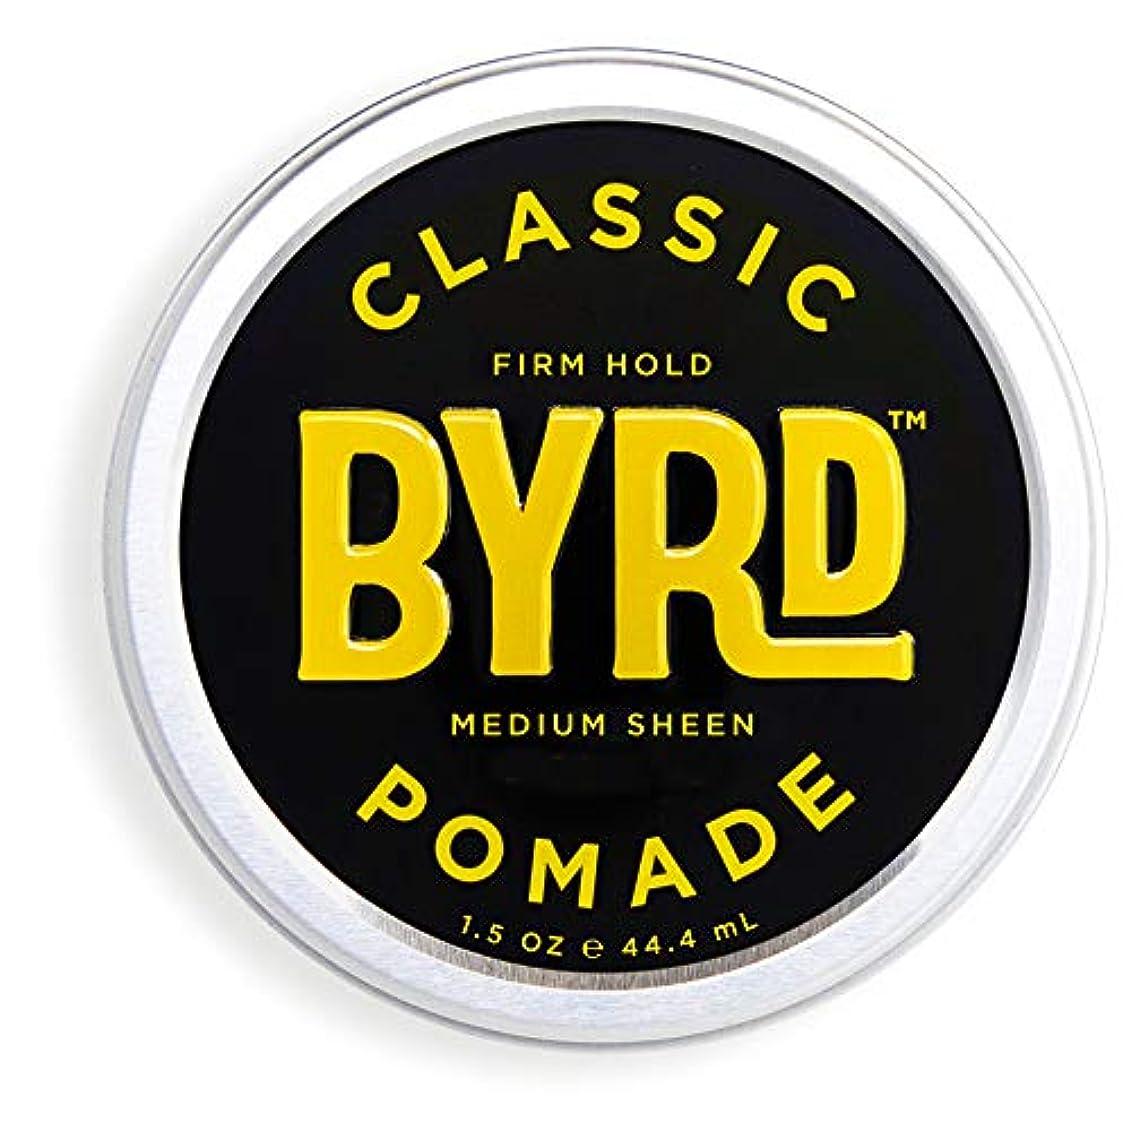 温度計拍手する増幅BYRD(バード)  クラシックポマード 28g